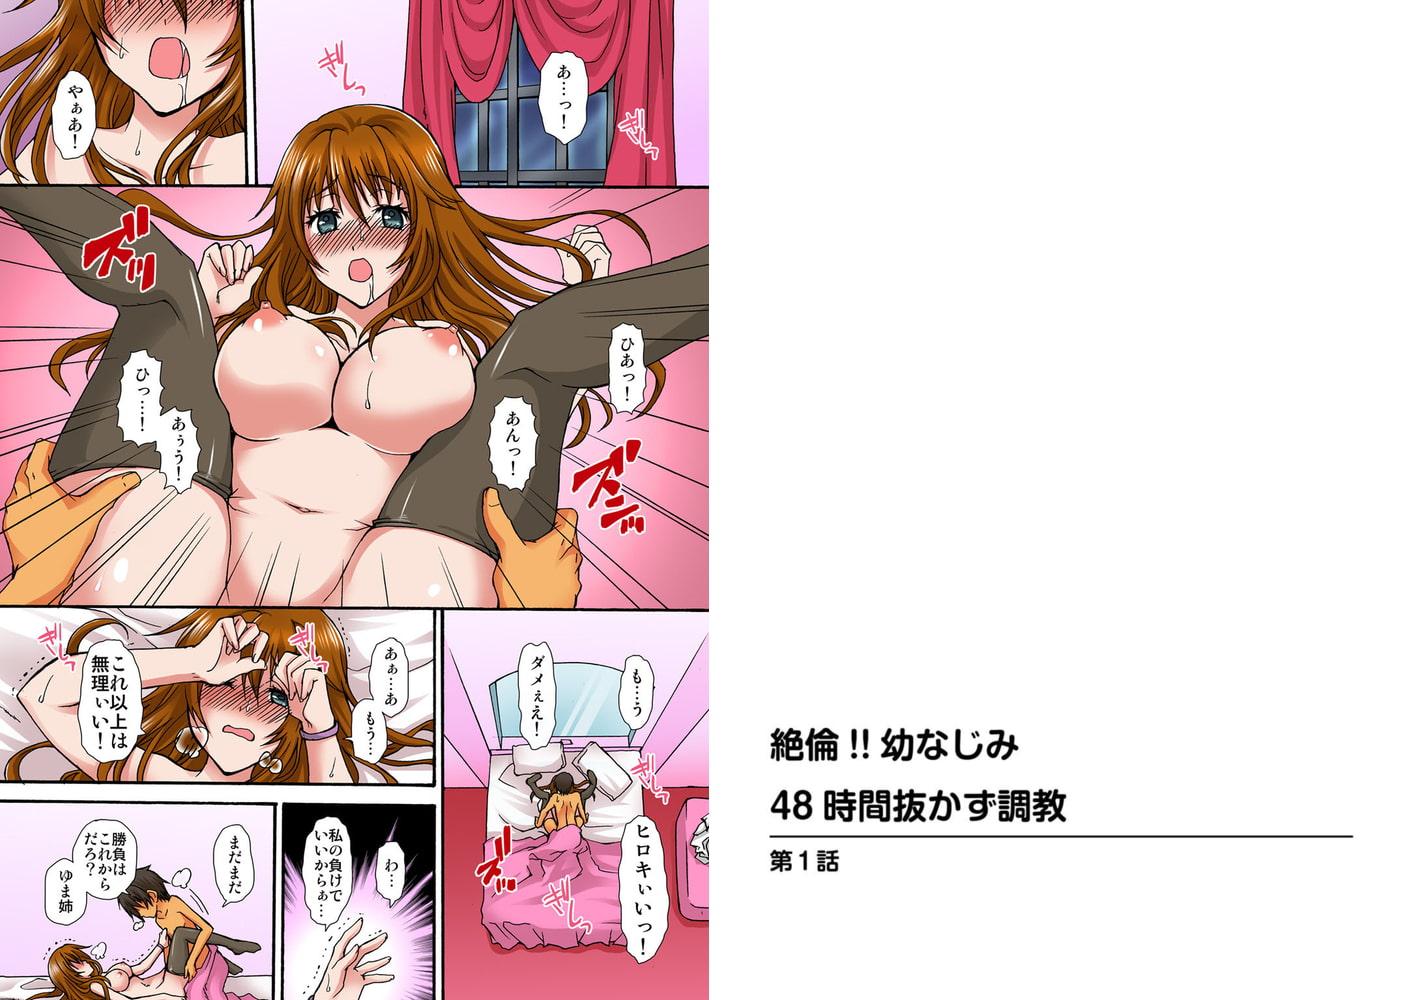 絶倫!!幼なじみ 48時間抜かず調教【増量版】 1巻